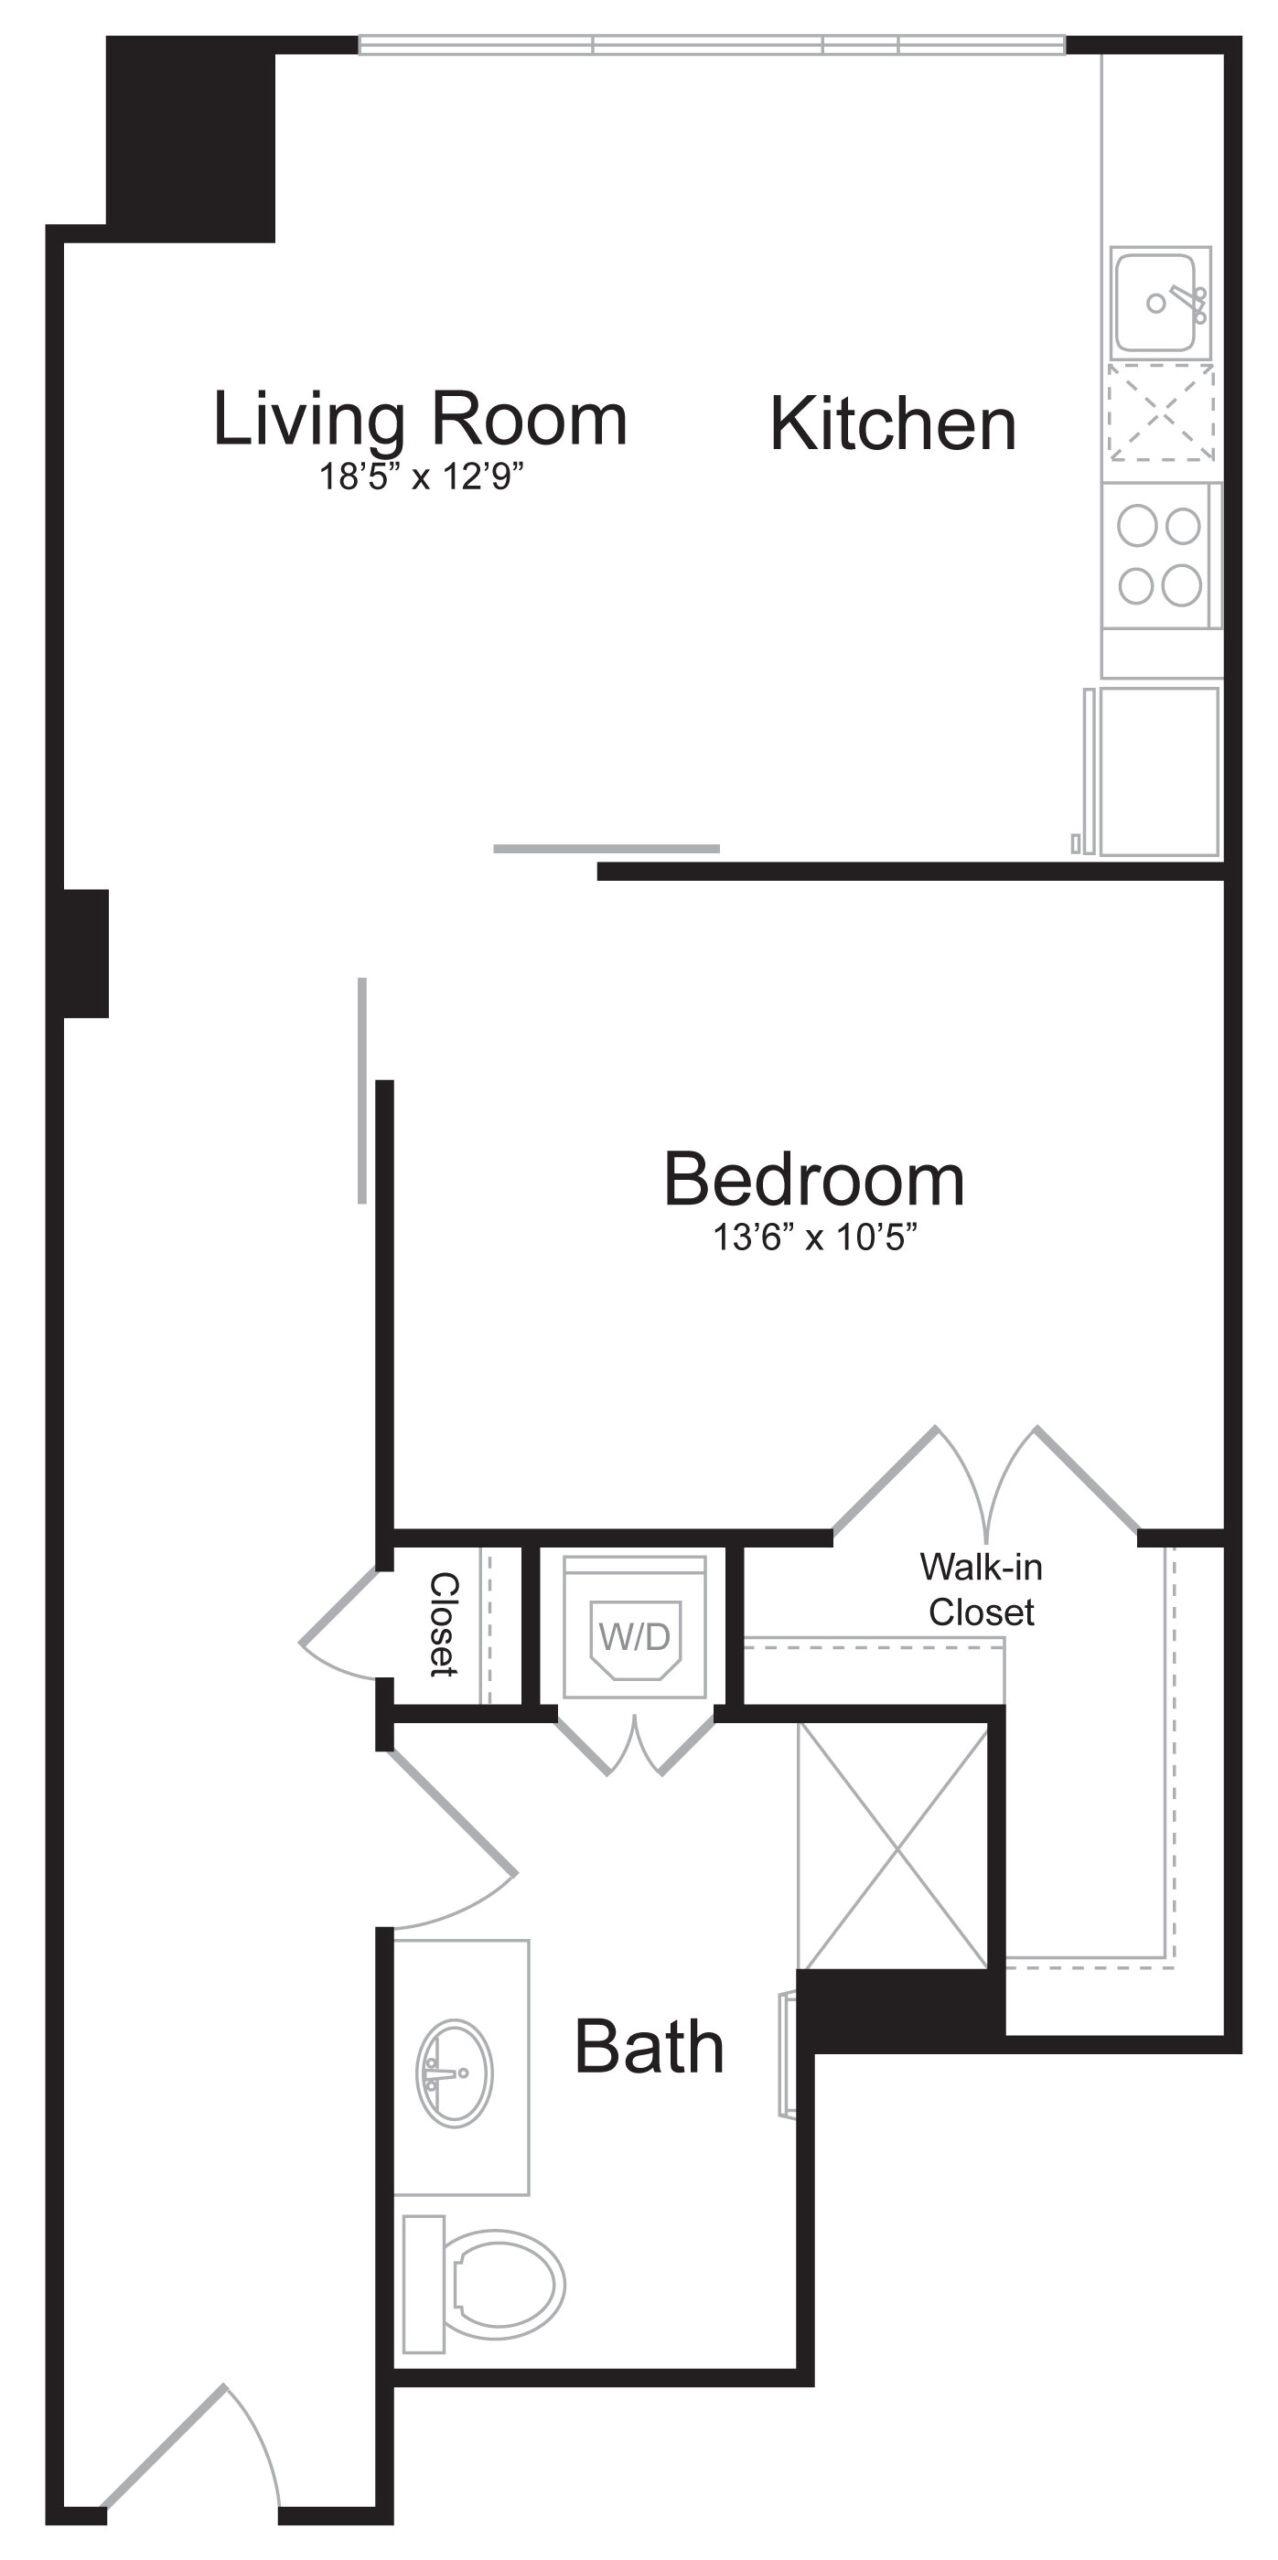 E3 - 1 Bed 1 Bath - 845 SF